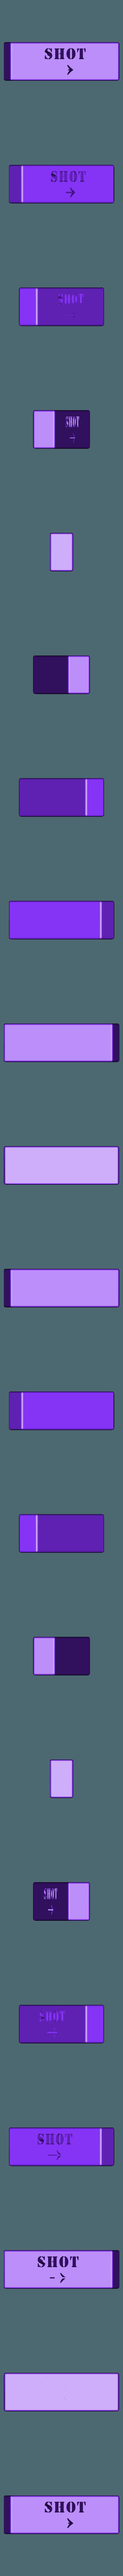 Jenga block - Shot (right).stl Download STL file Jenga Rules • 3D print model, Made_In_Space